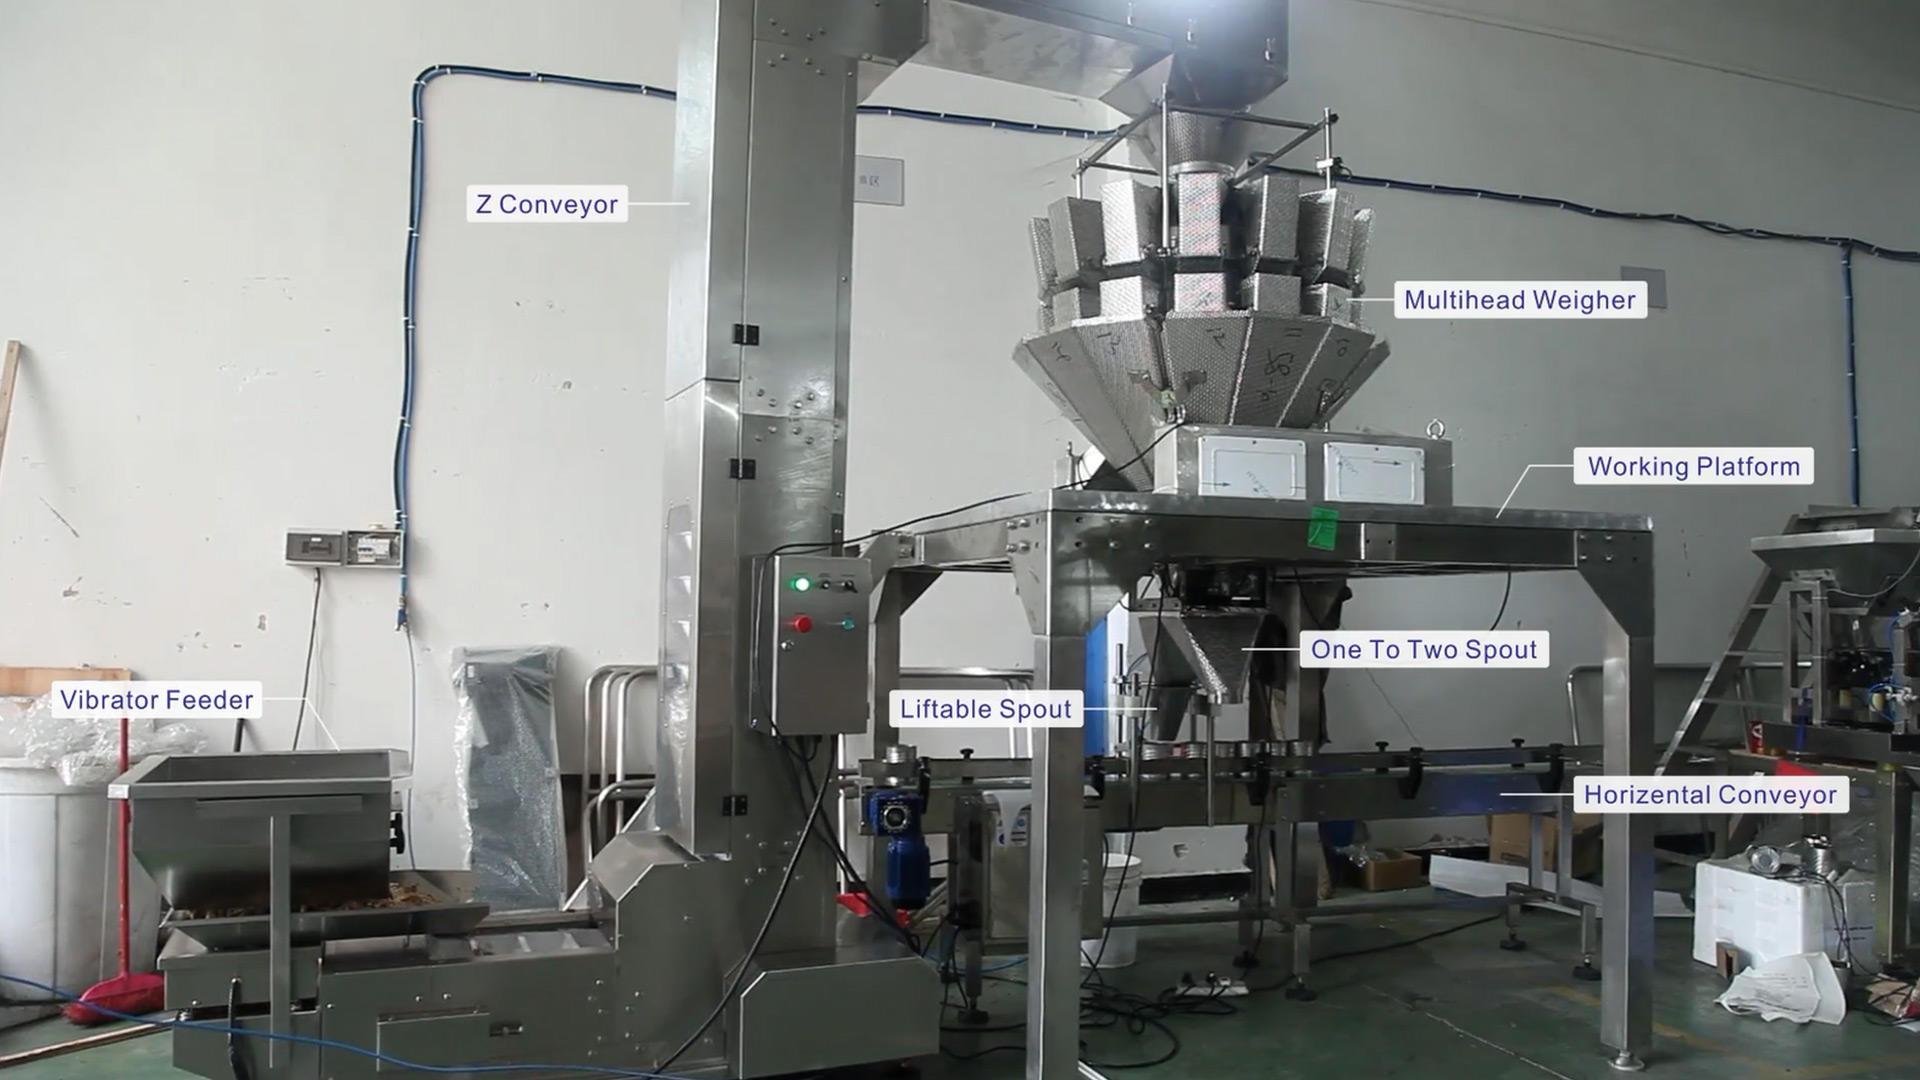 آلة تعبئة وتغليف الأسماك المجففة ذات الوزن الأوتوماتيكي JW-B24